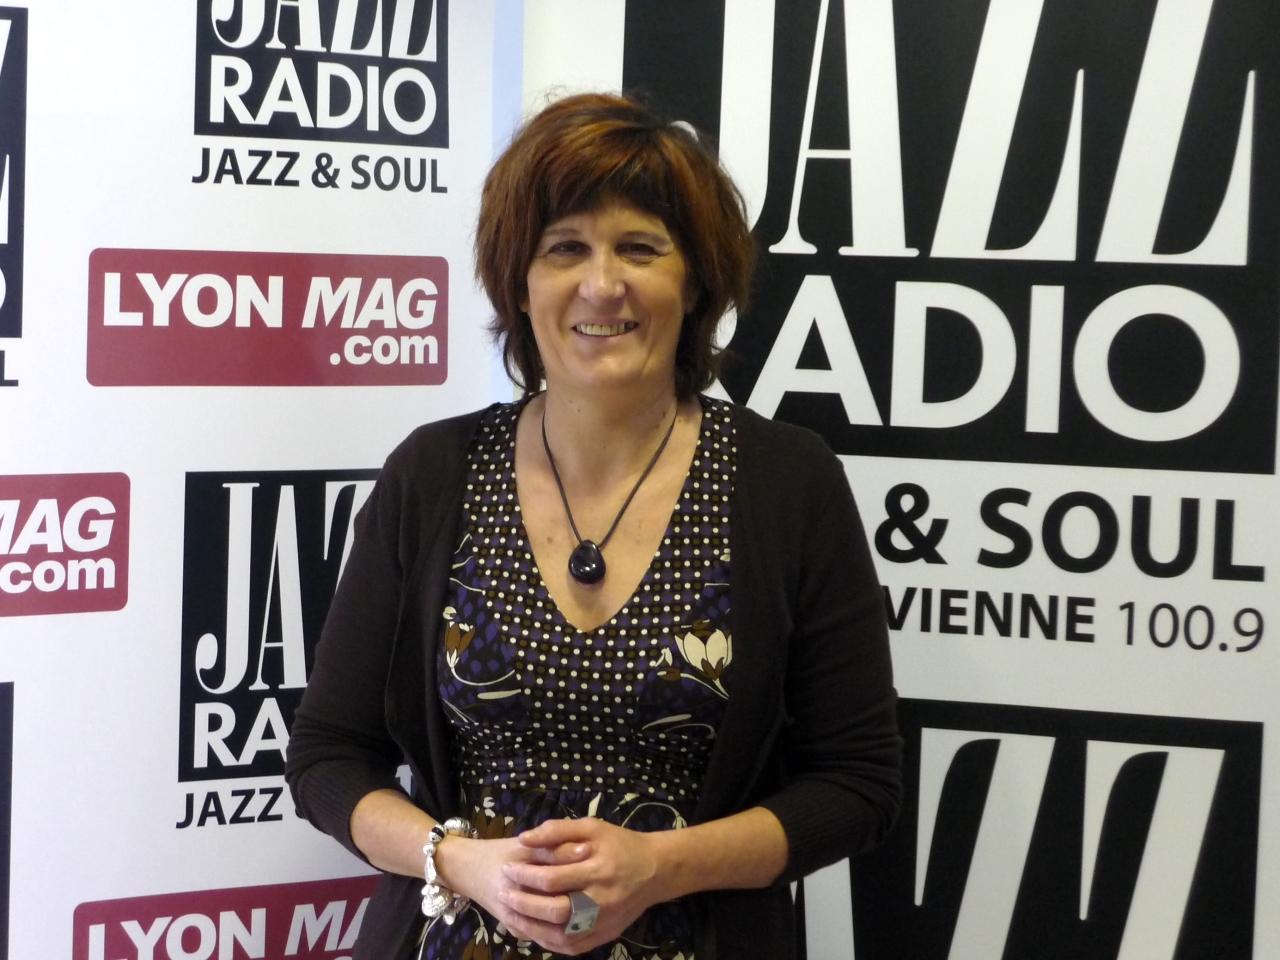 http://www.lyonmag.com/medias/images/danielle-lebail-front-de-gauche-ca-jazz-a-lyon.jpg